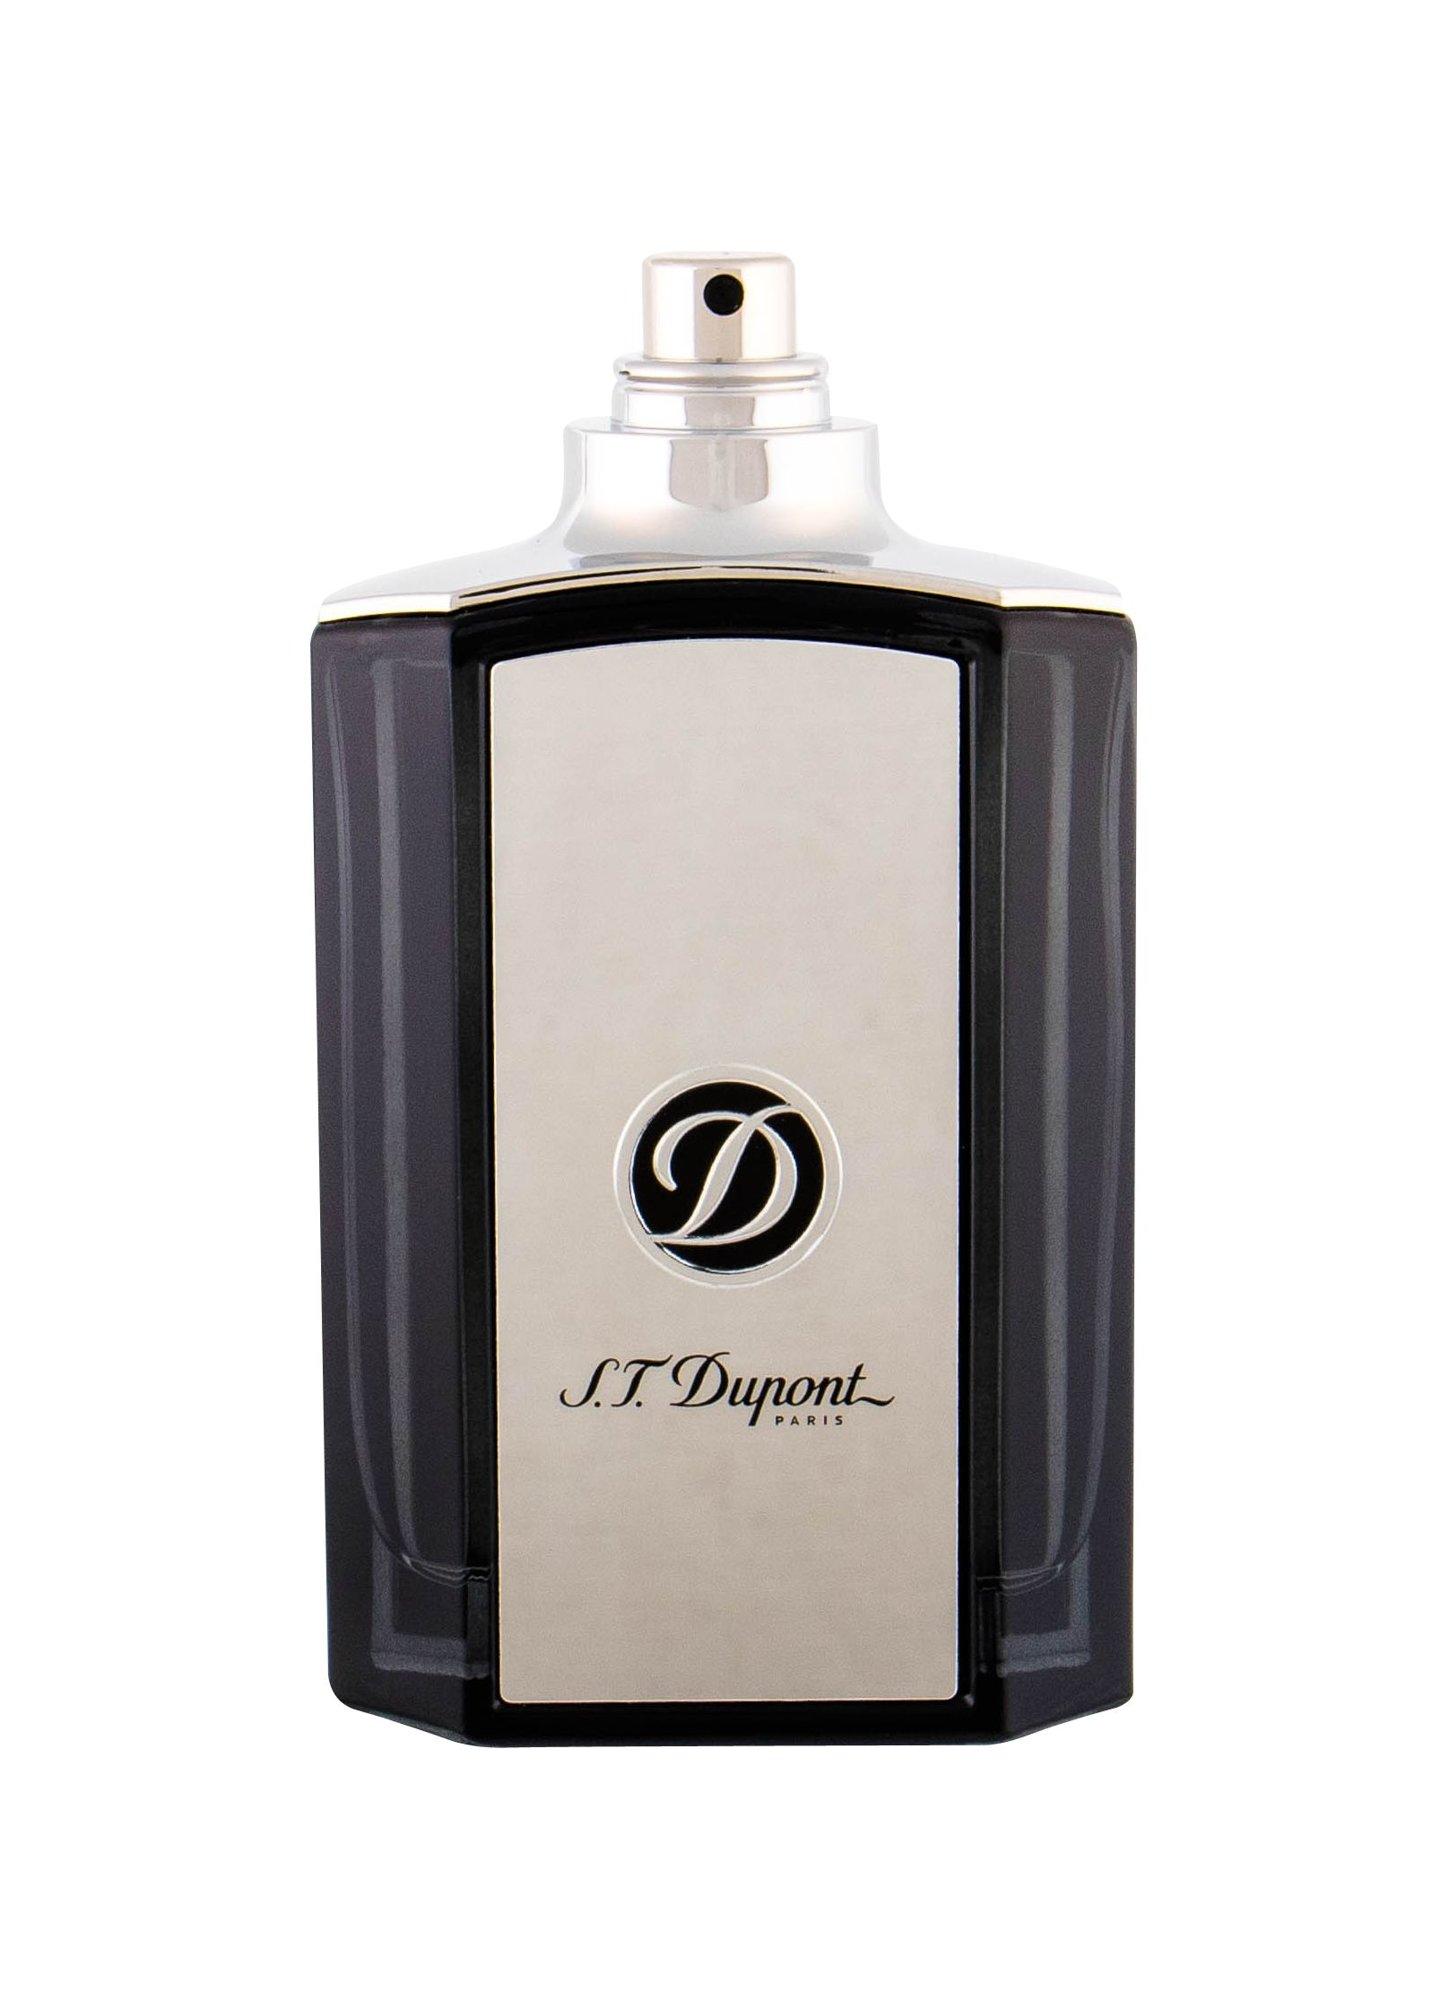 S.T. Dupont Be Exceptional Eau de Toilette 100ml